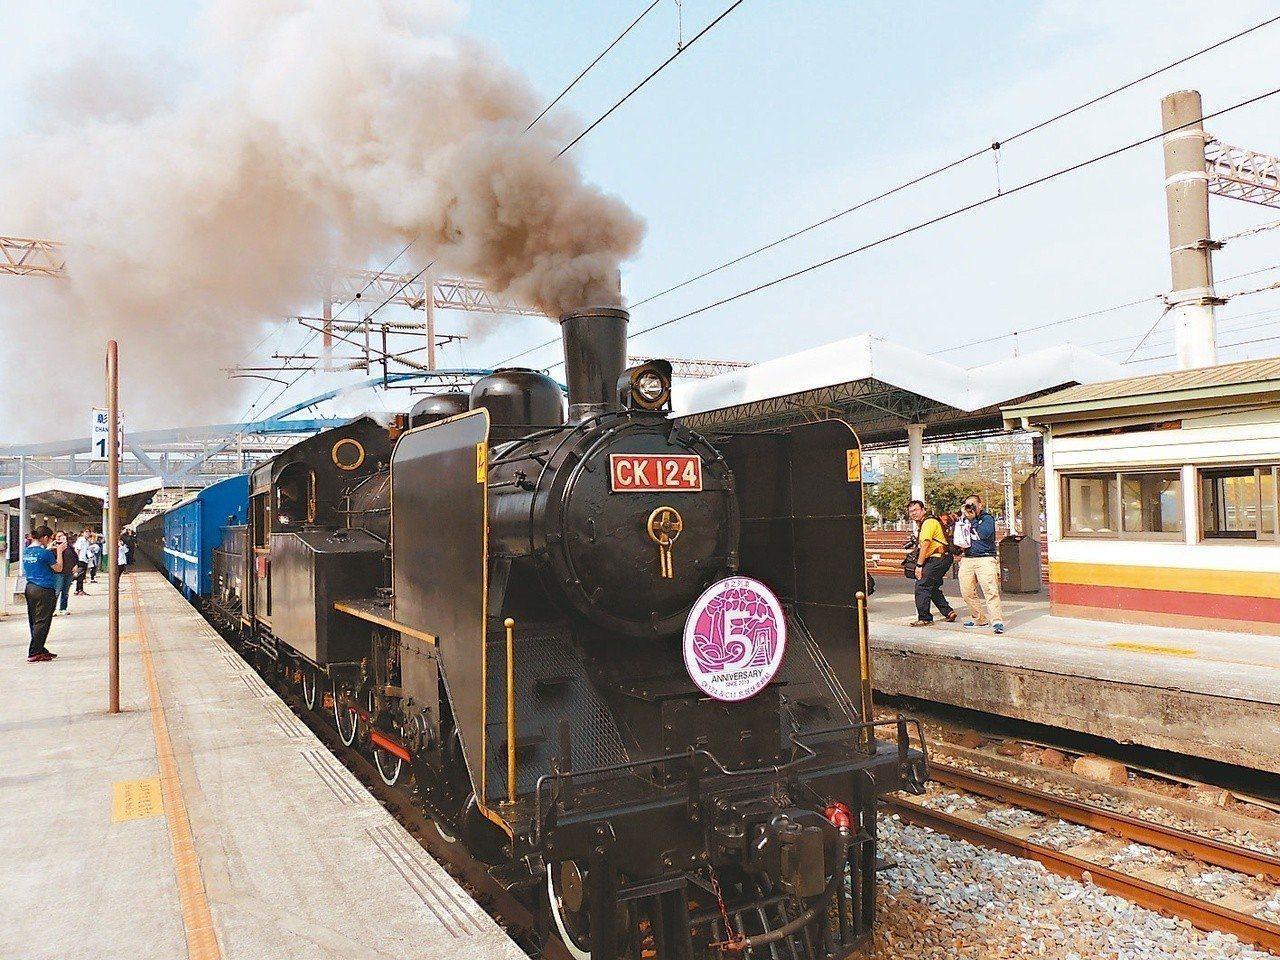 去年台鐵蒸汽火車復駛,卻受空氣汙染防制法箝制不得噴煙,引發環保與文資保存的爭議。...